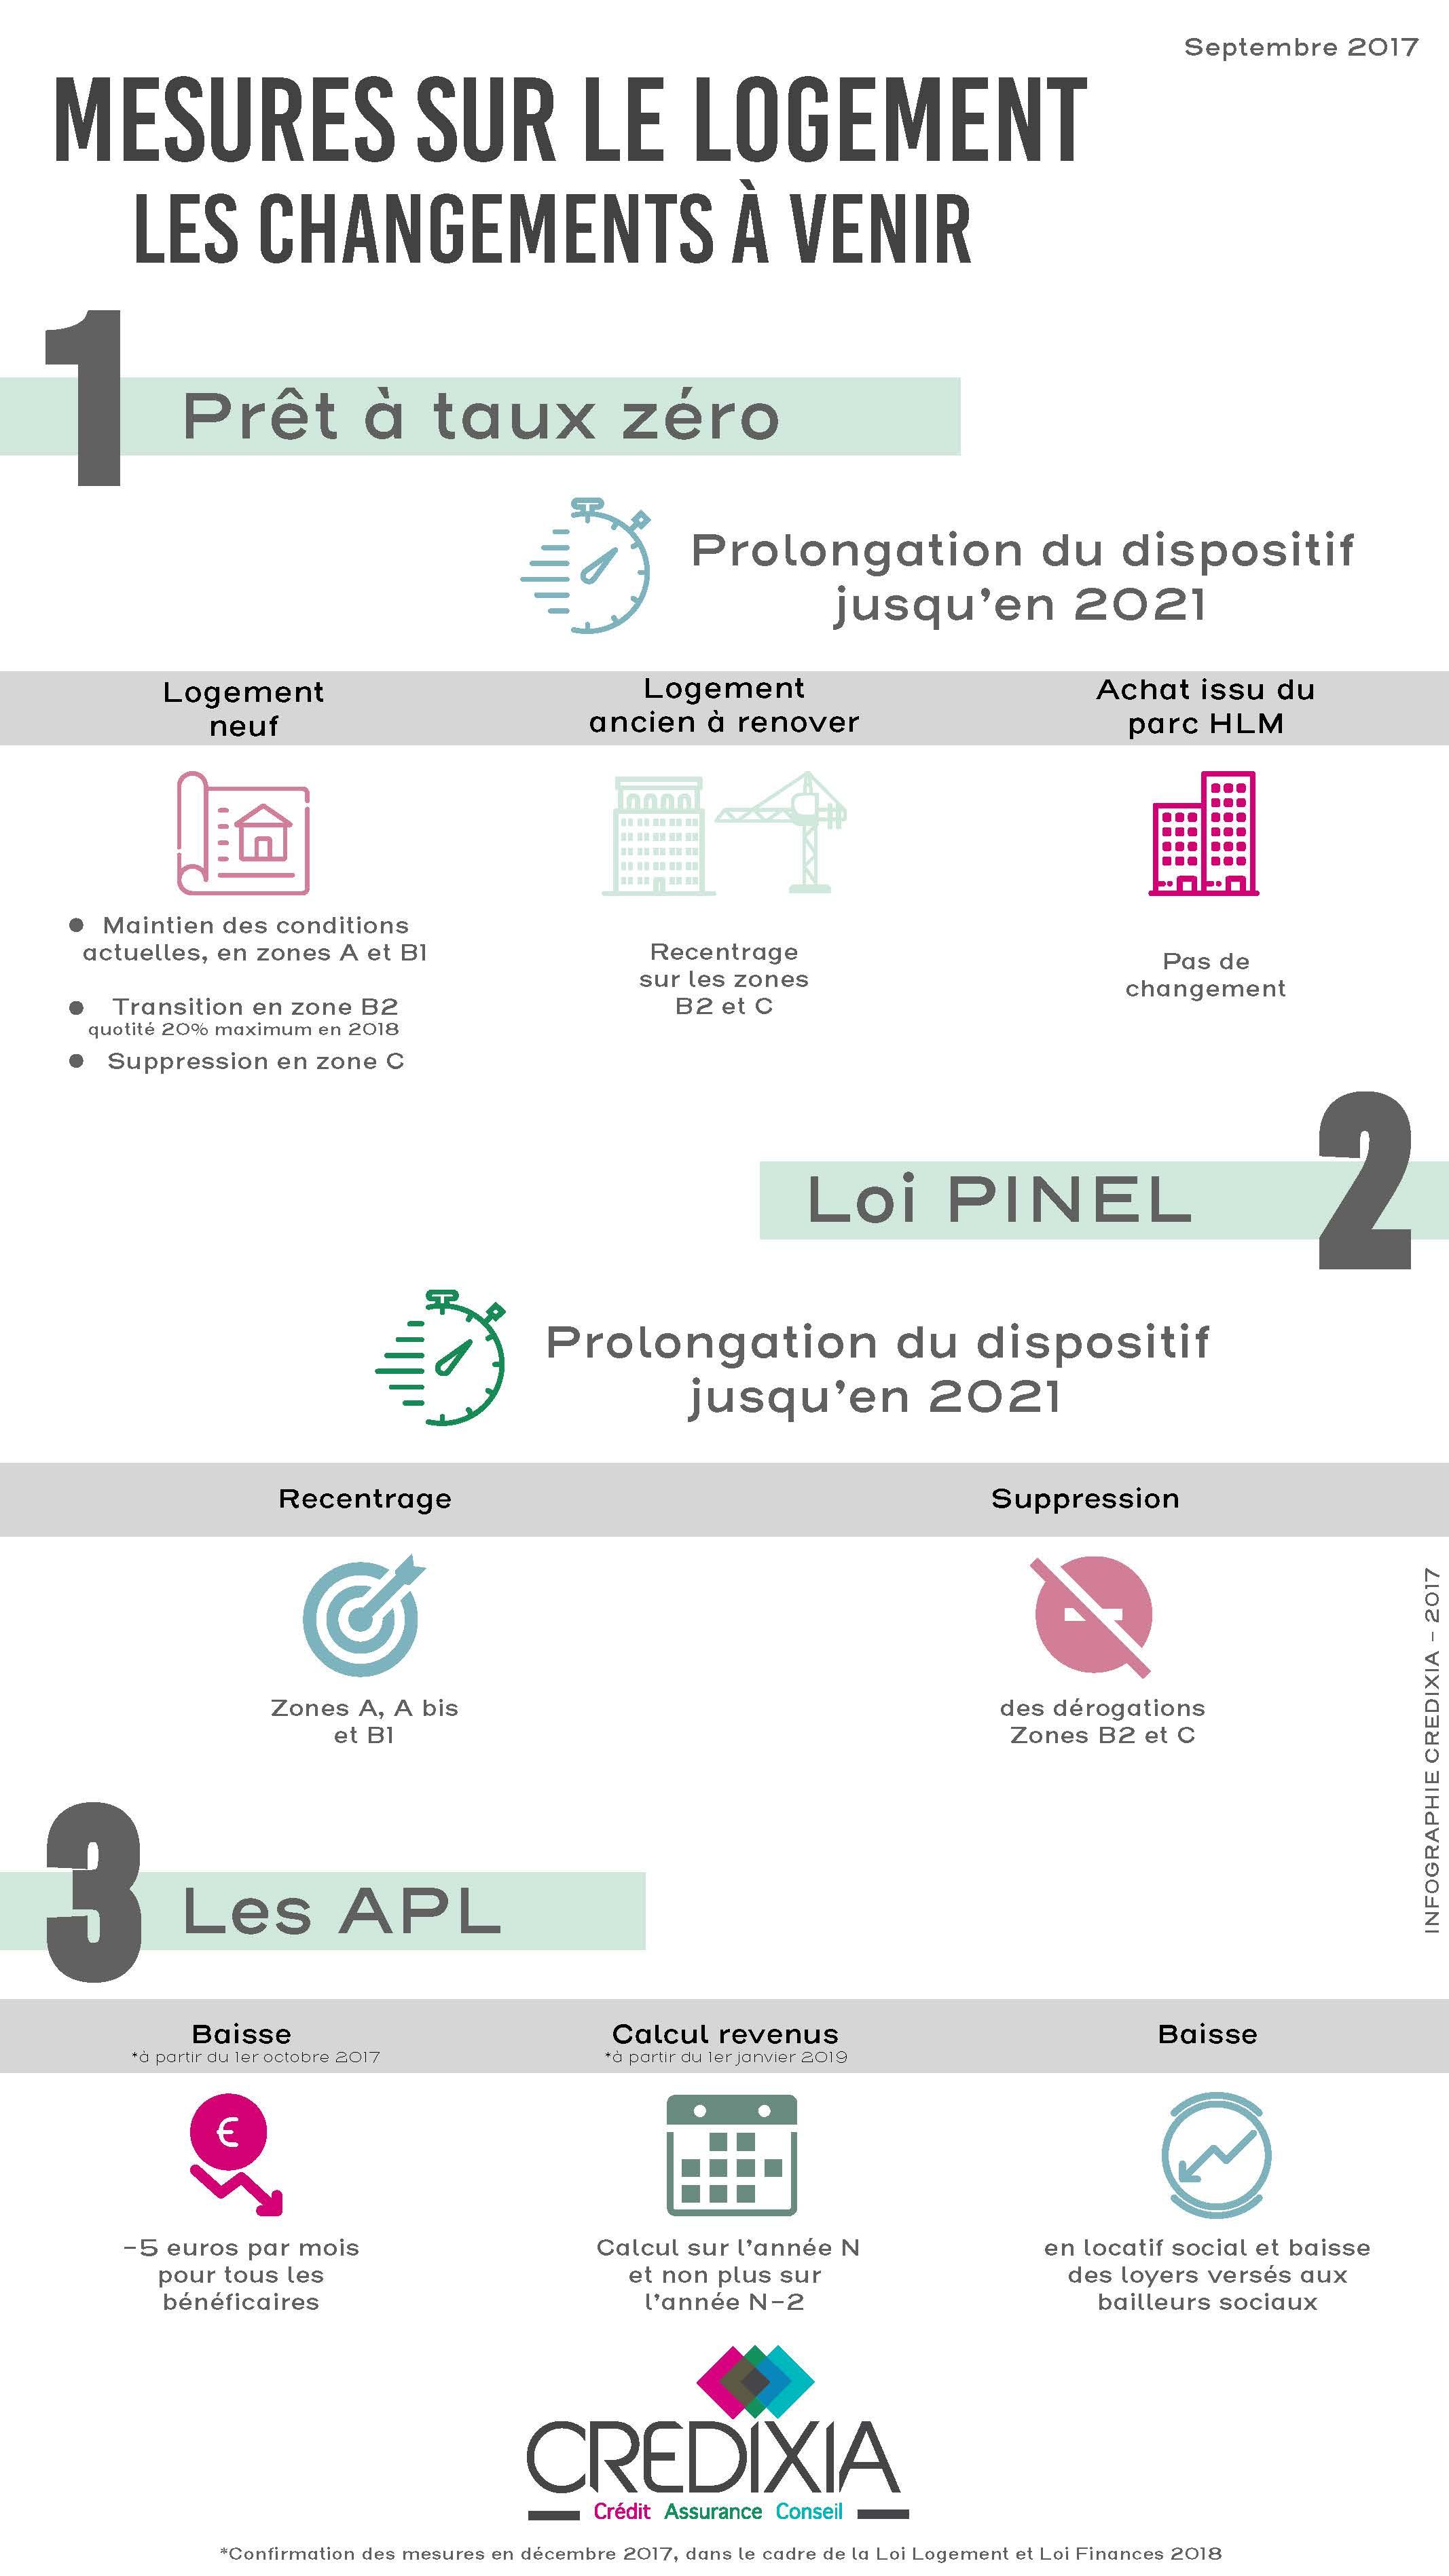 Infographie Mesures Sur Le Logement Ce Qui Va Changer En 2018